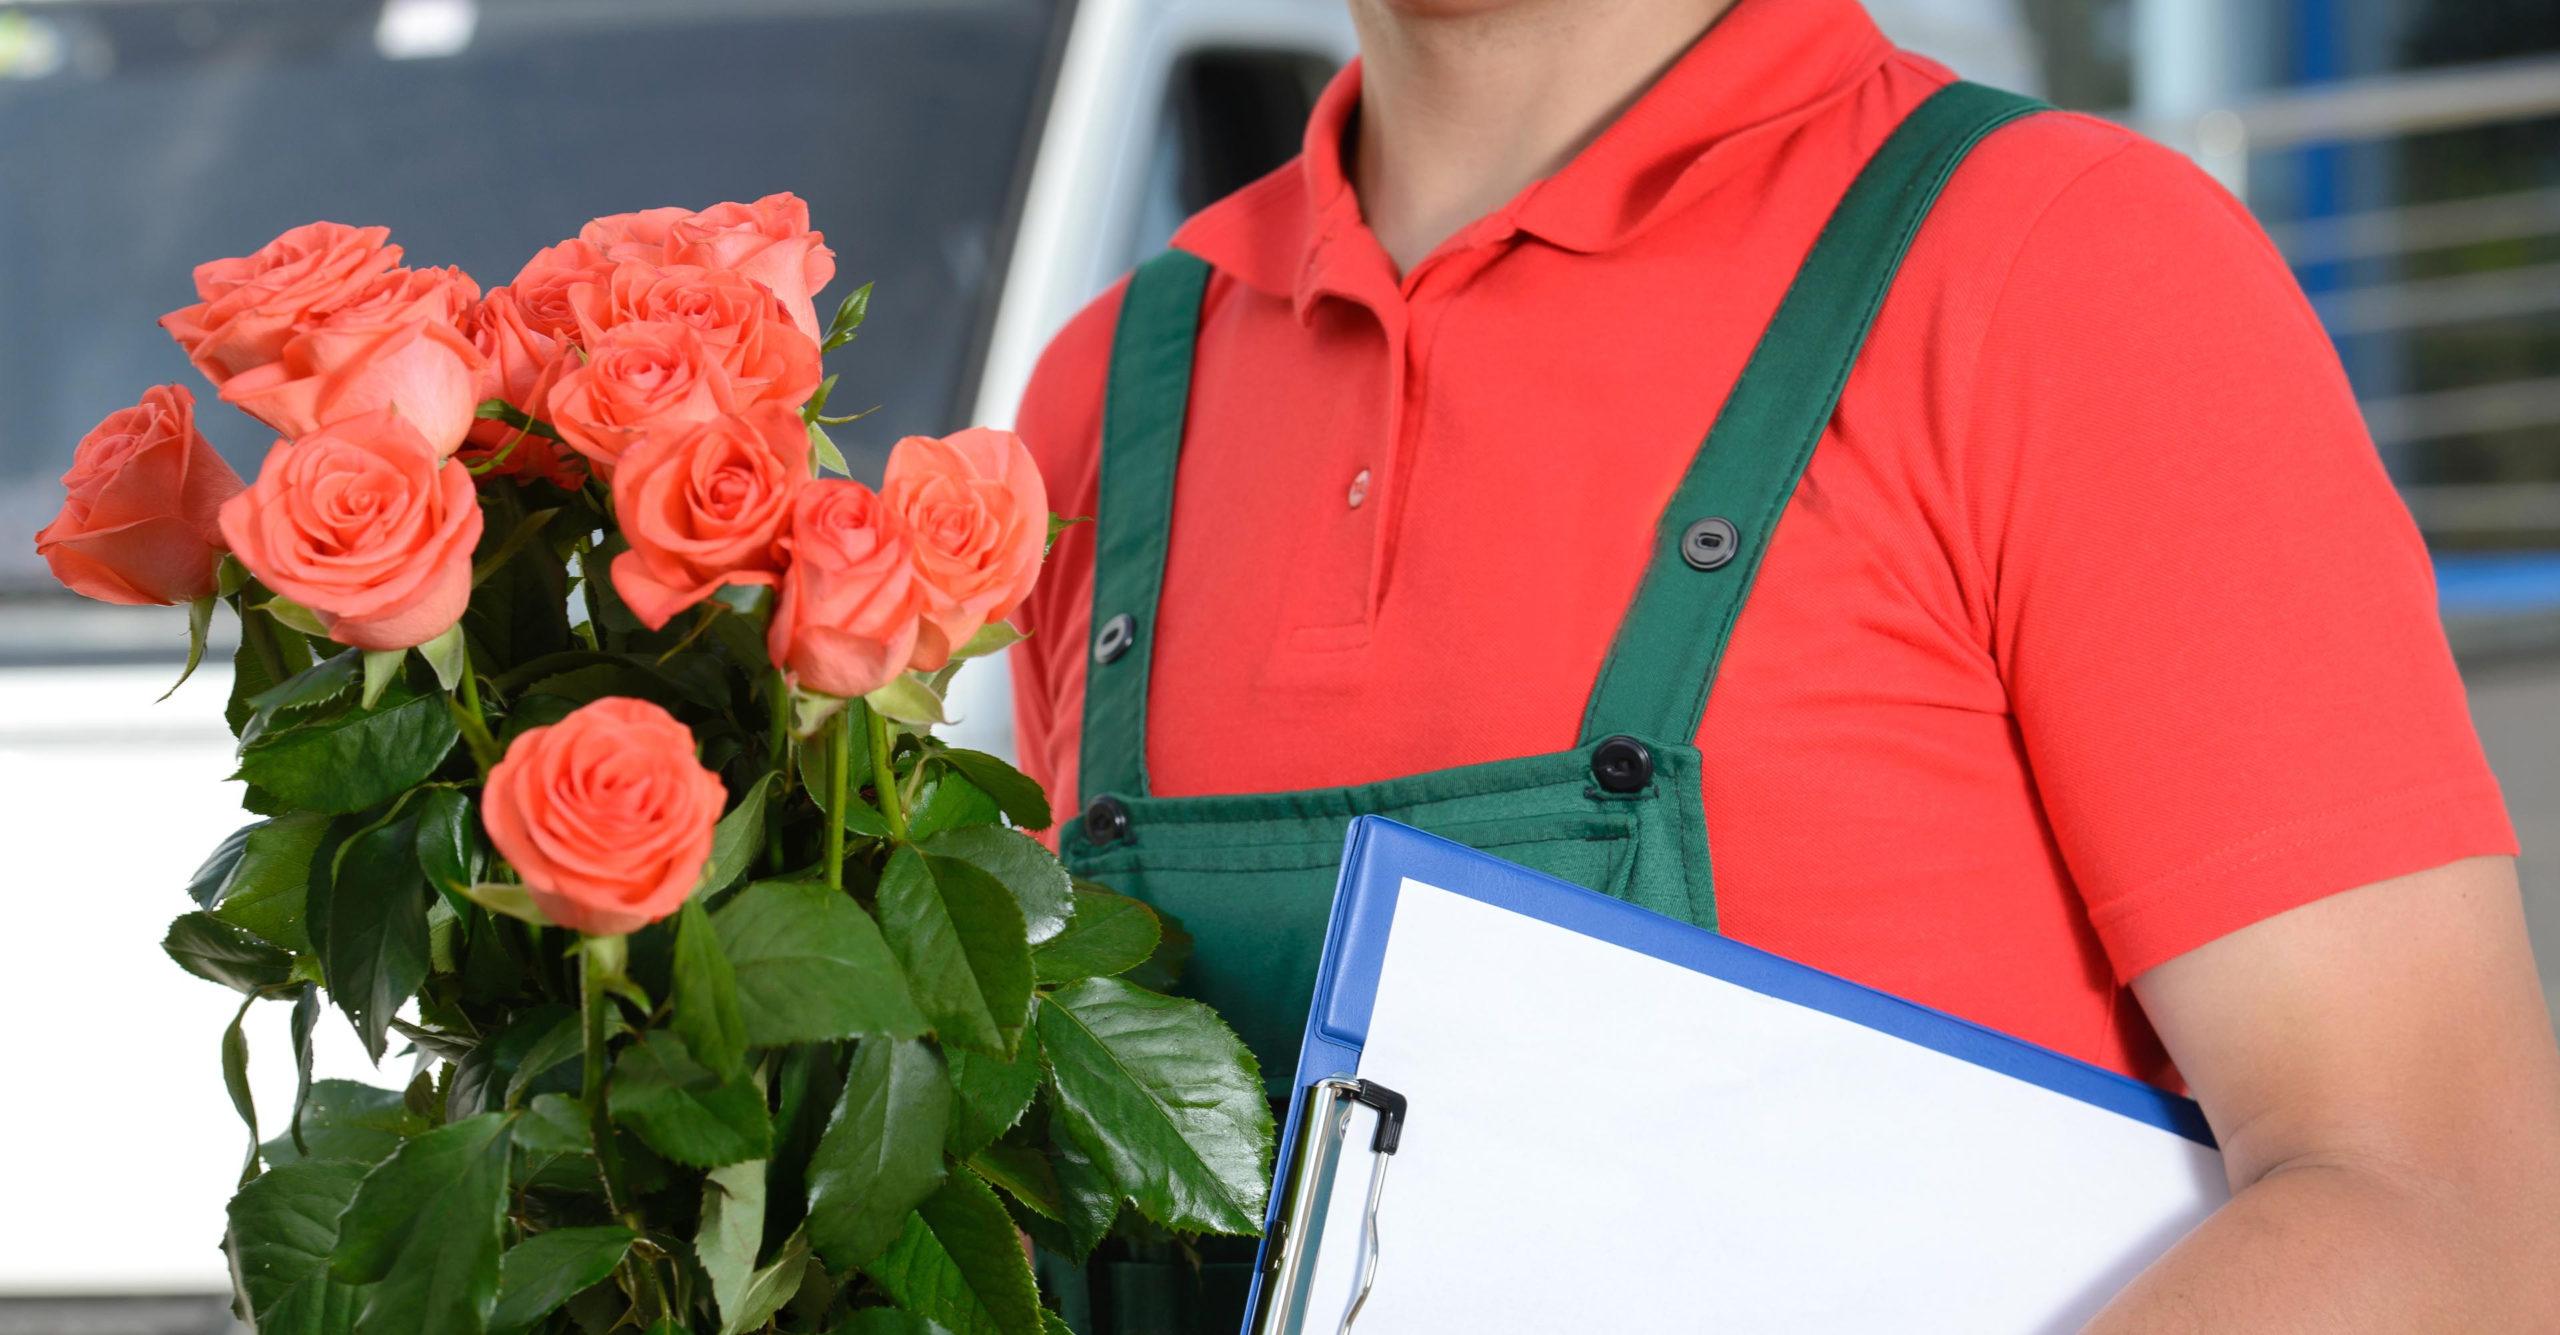 Подробности услуги доставки цветов: преимущества и особенности